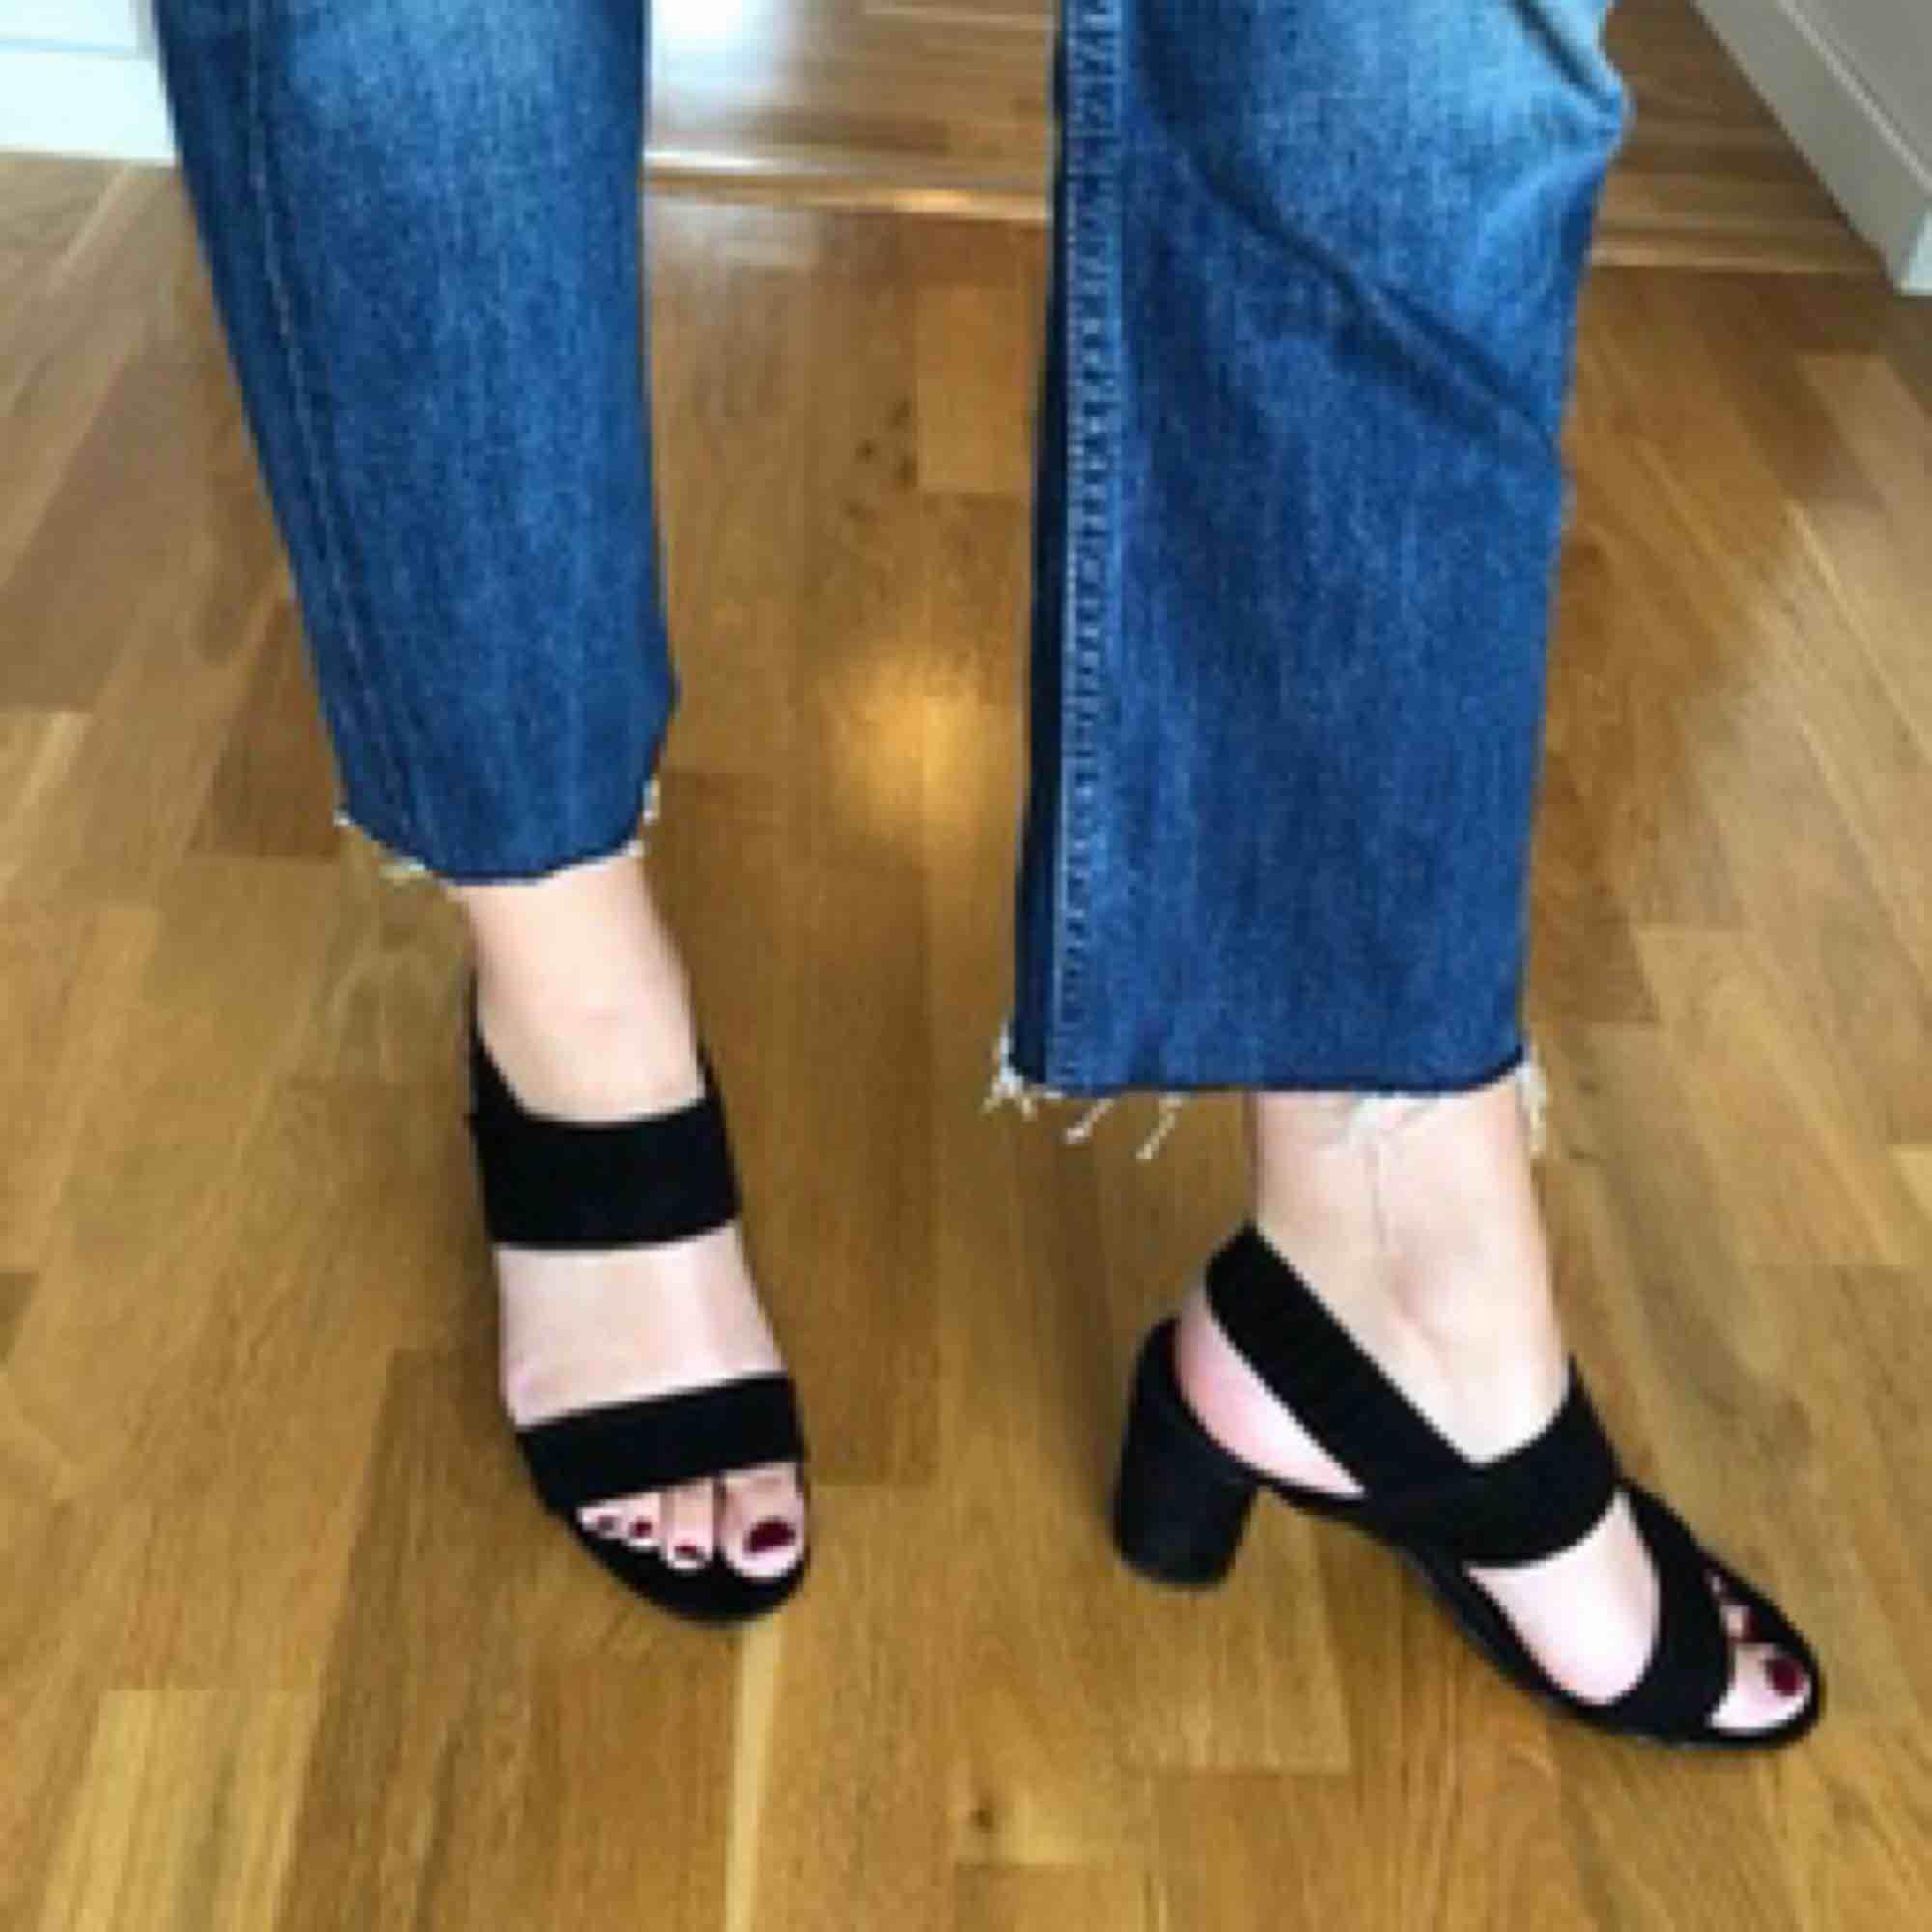 Levis 501 i storlek 28. Längden är 32 men de är avklippta nertill. Säljer dem pga att de aldrig kommer till användning. (Jag är 175 cm lång om det är info som kan hjälpa).  Längd från gren ner till byxben: 66 cm.  Köparen betalar frakt.. Jeans & Byxor.